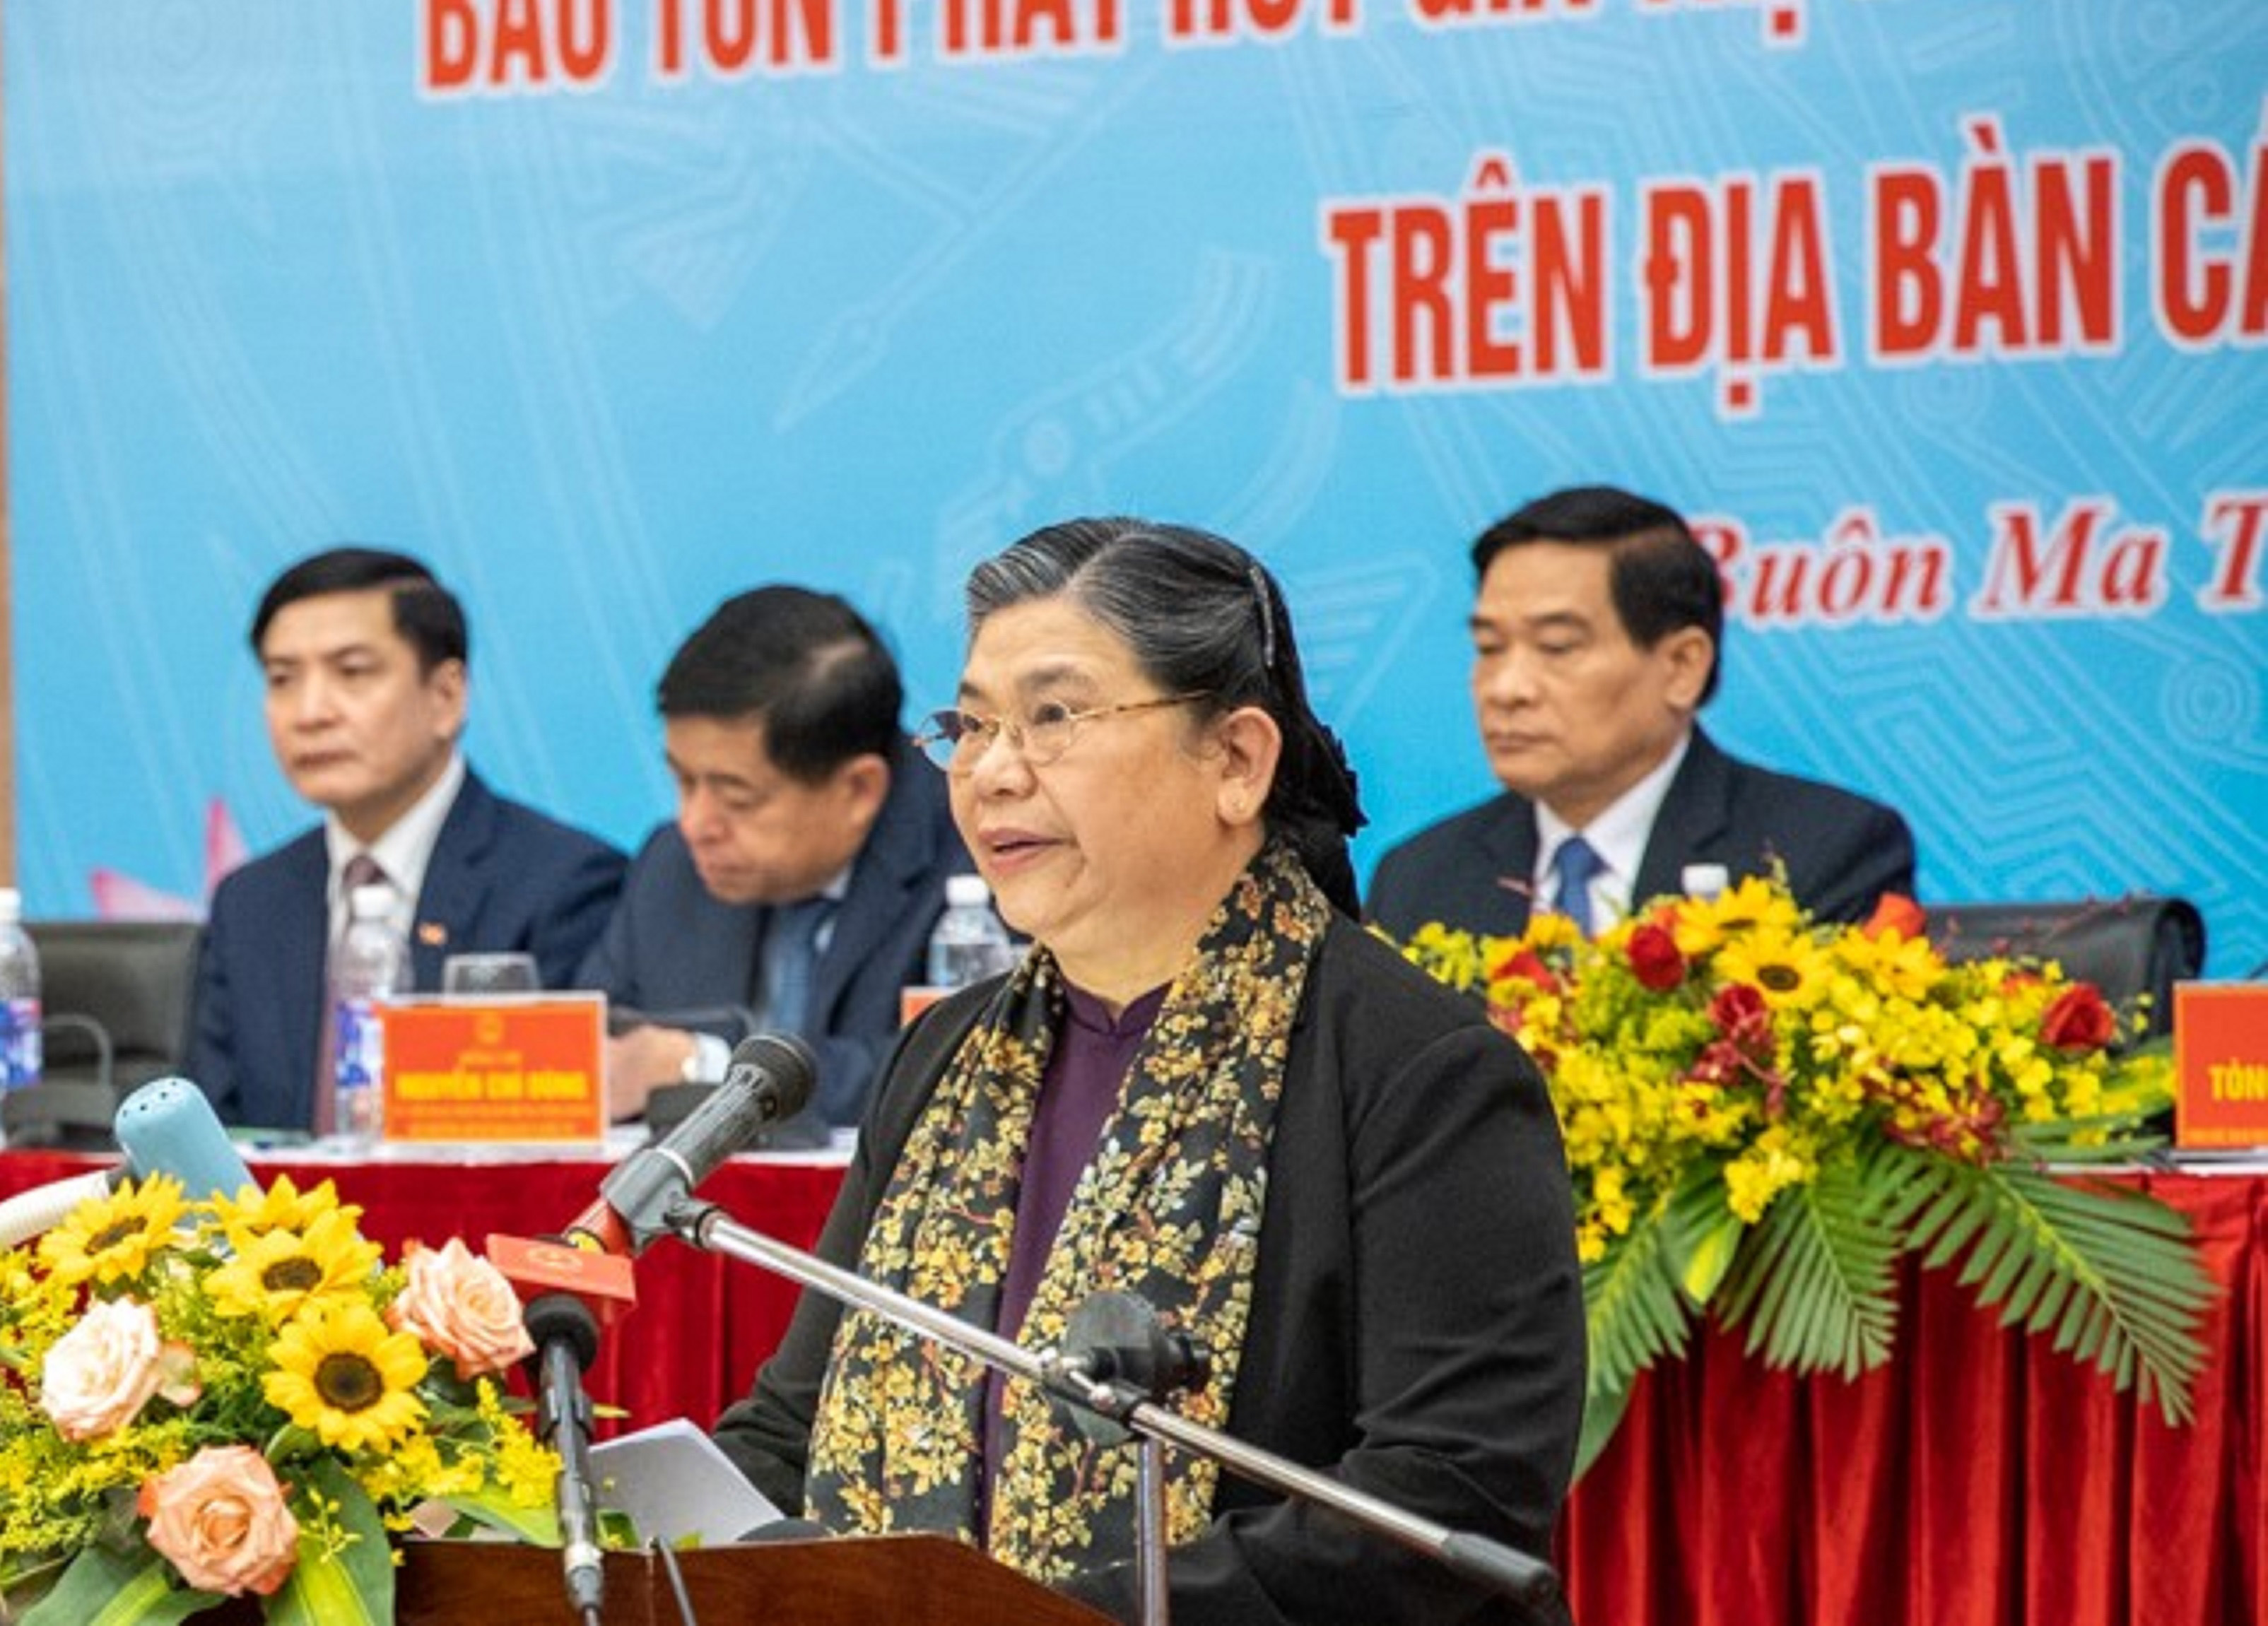 Phó Chủ tịch Thường trực Quốc hội Tòng Thị Phóng phát biểu tại Hội thảo